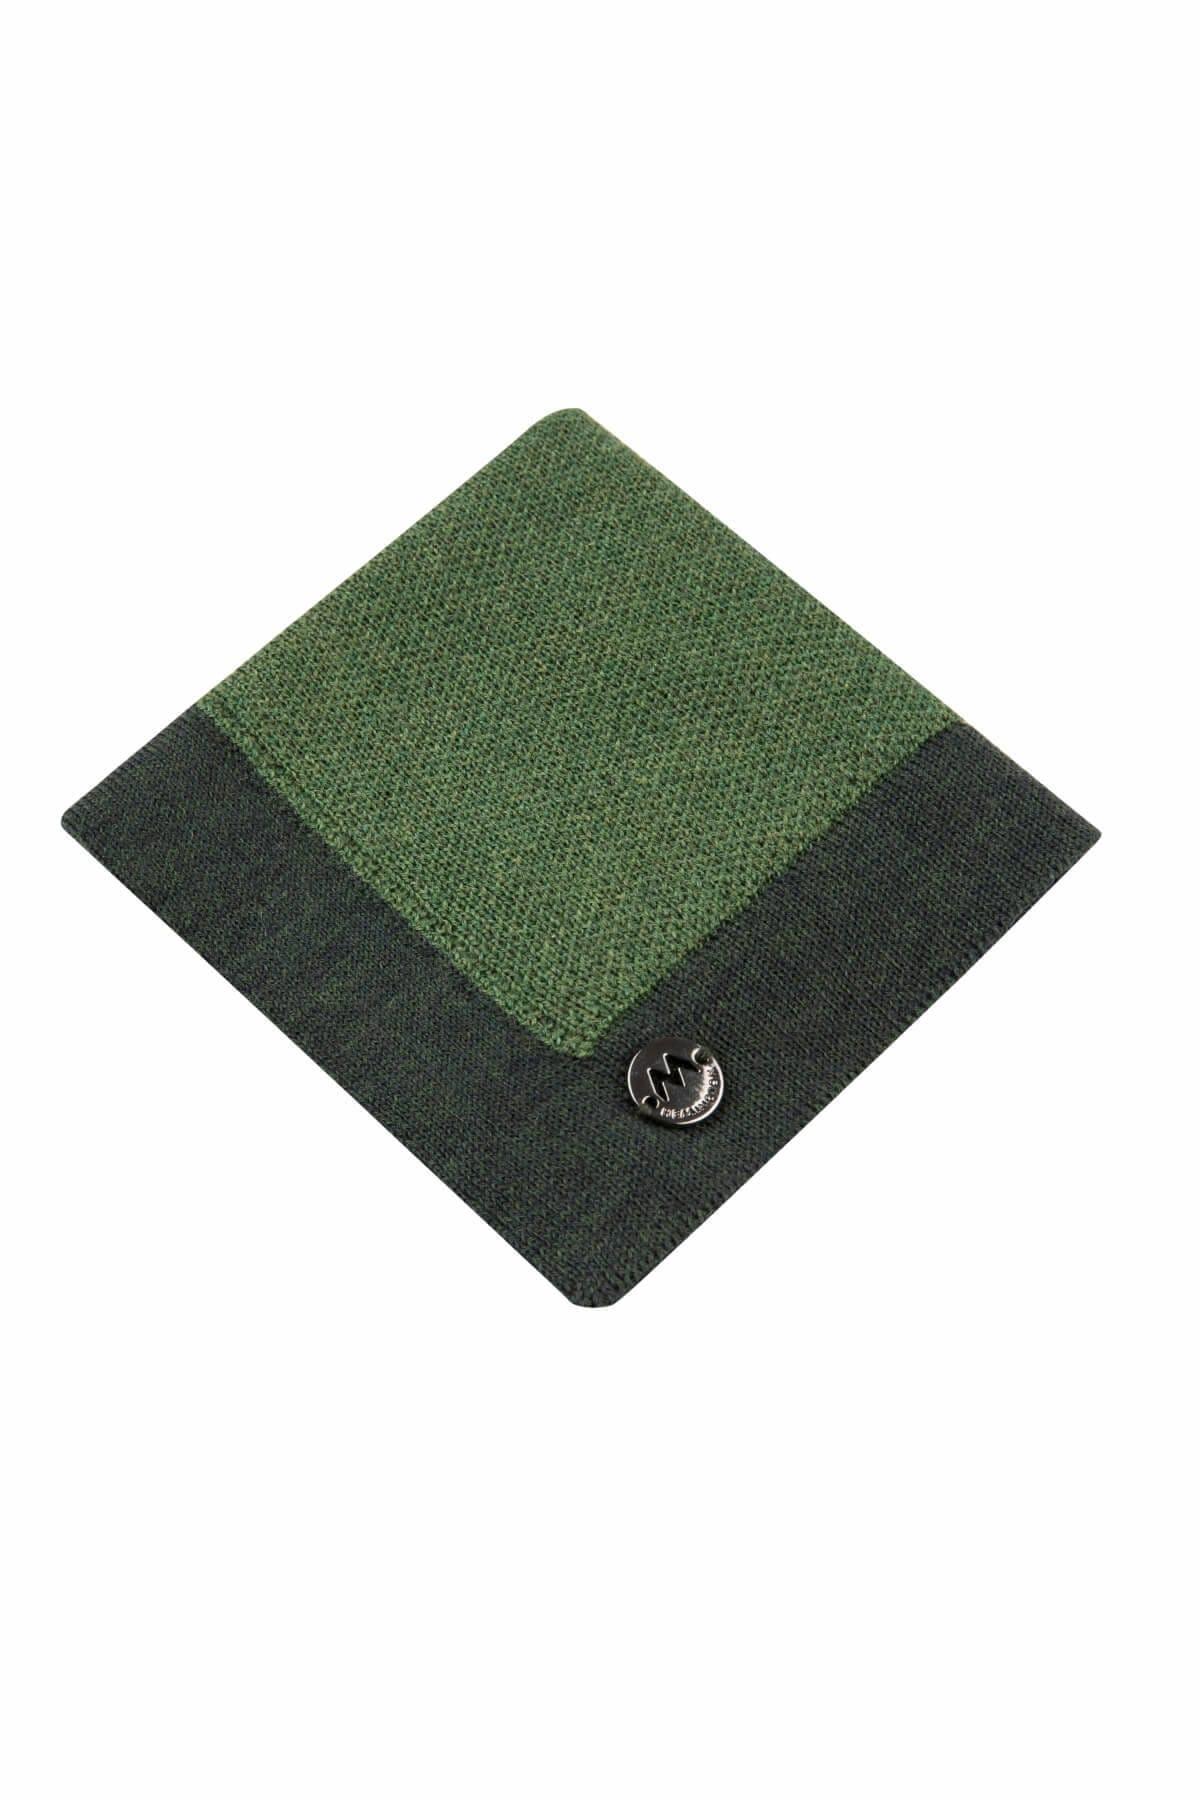 Hemington Erkek Yosun Yeşili  Merino Yün Mendil  - 184951030 1